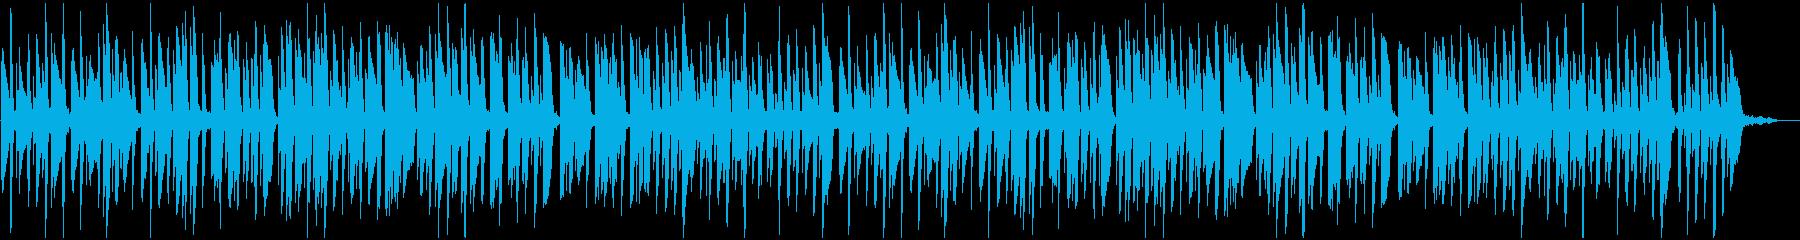 明るくワクワクするようなピアノBGMの再生済みの波形